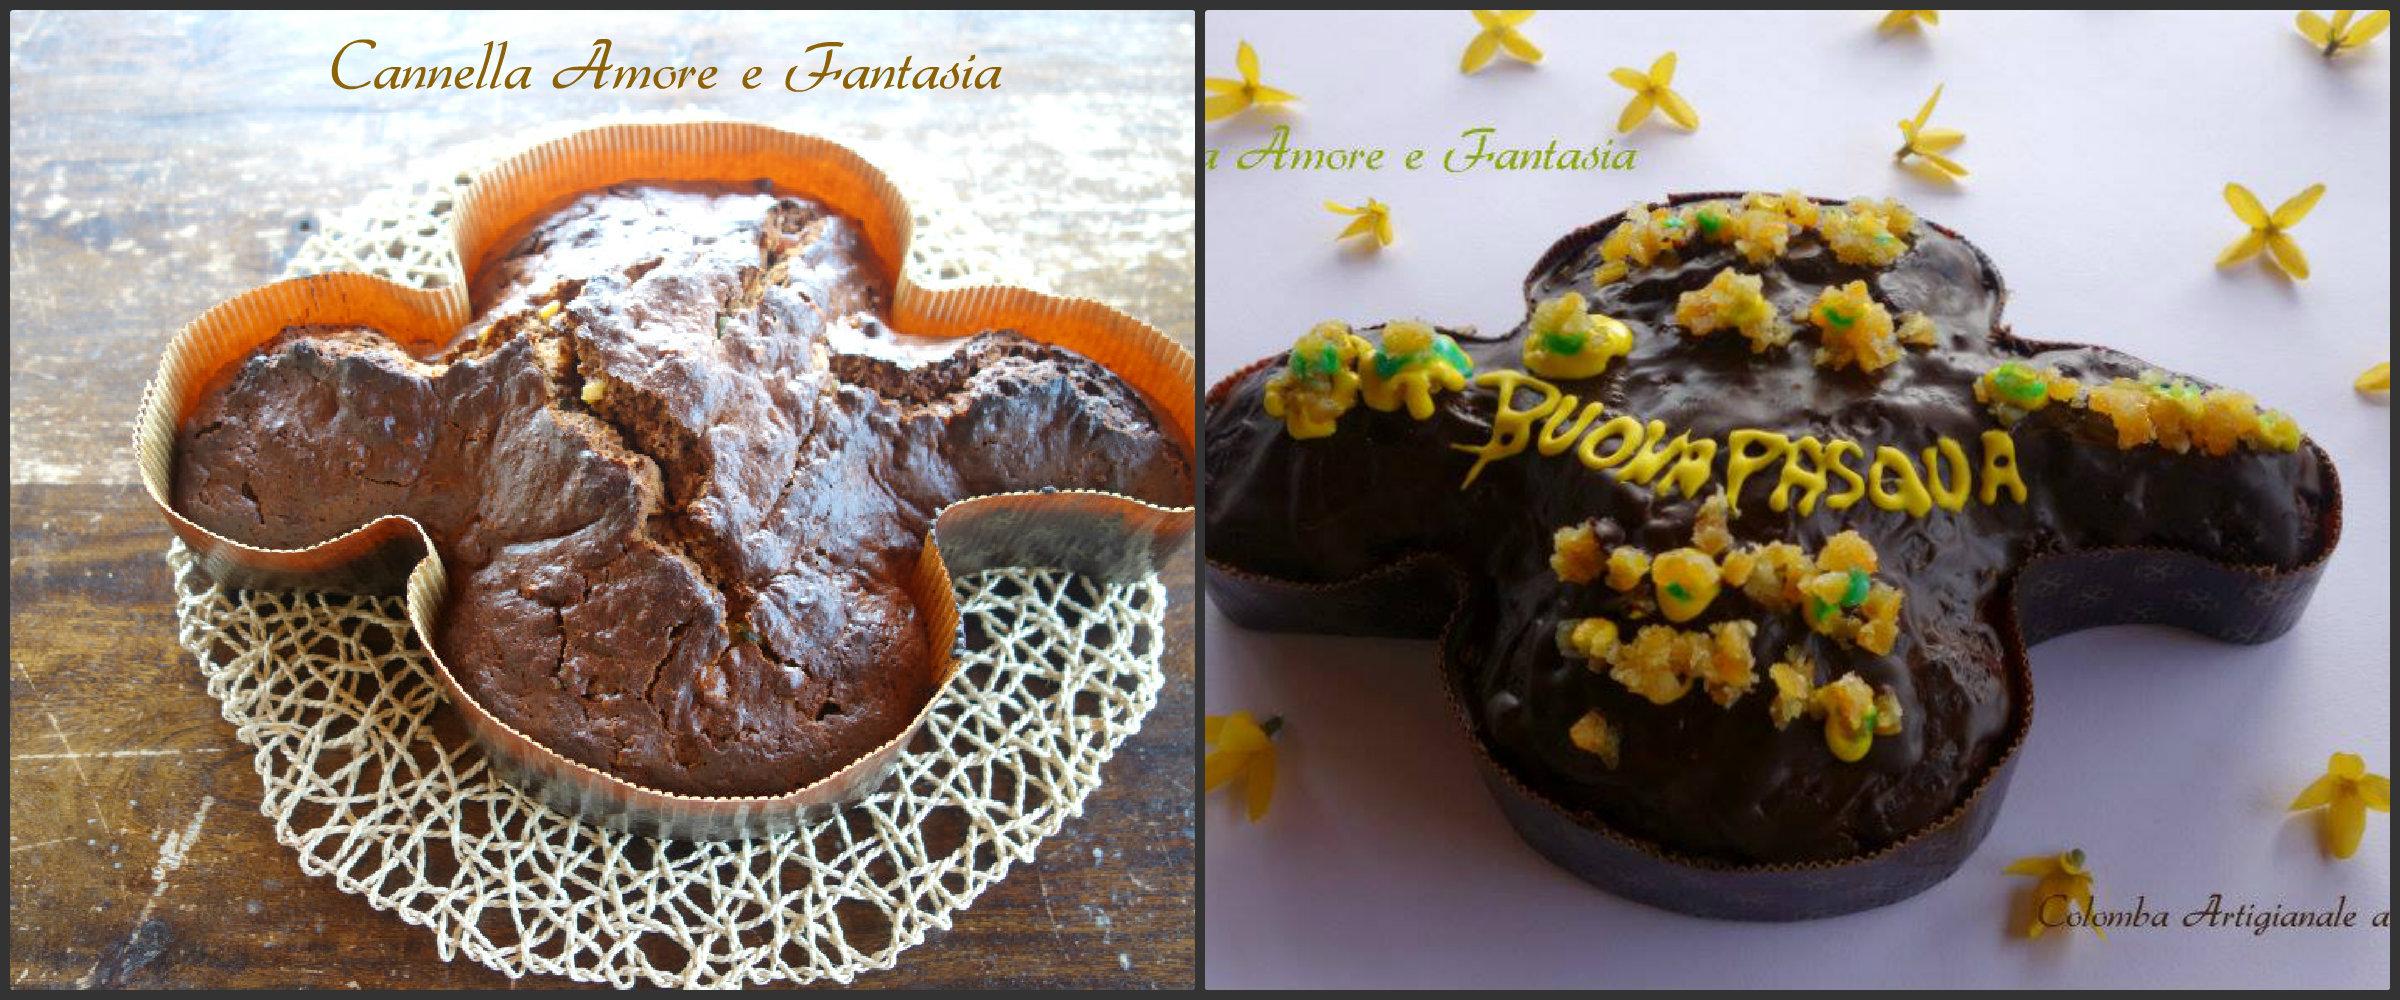 colomba artigianale al cioccolato e arancia Collage